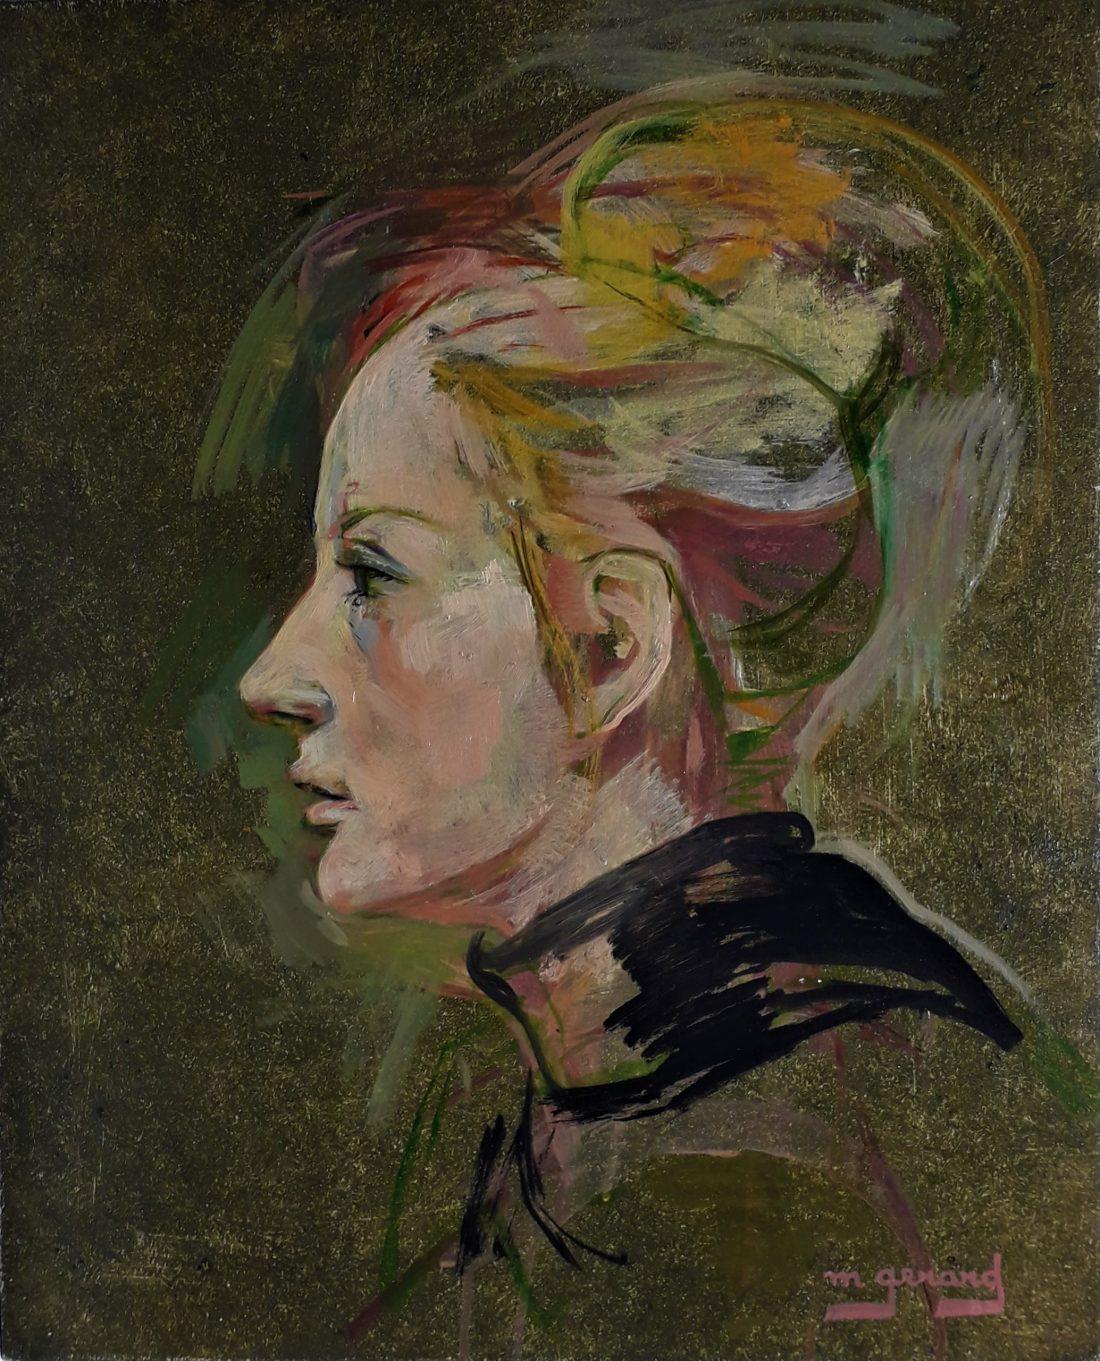 gerard-maud-anne-marie-kaufmann-1969